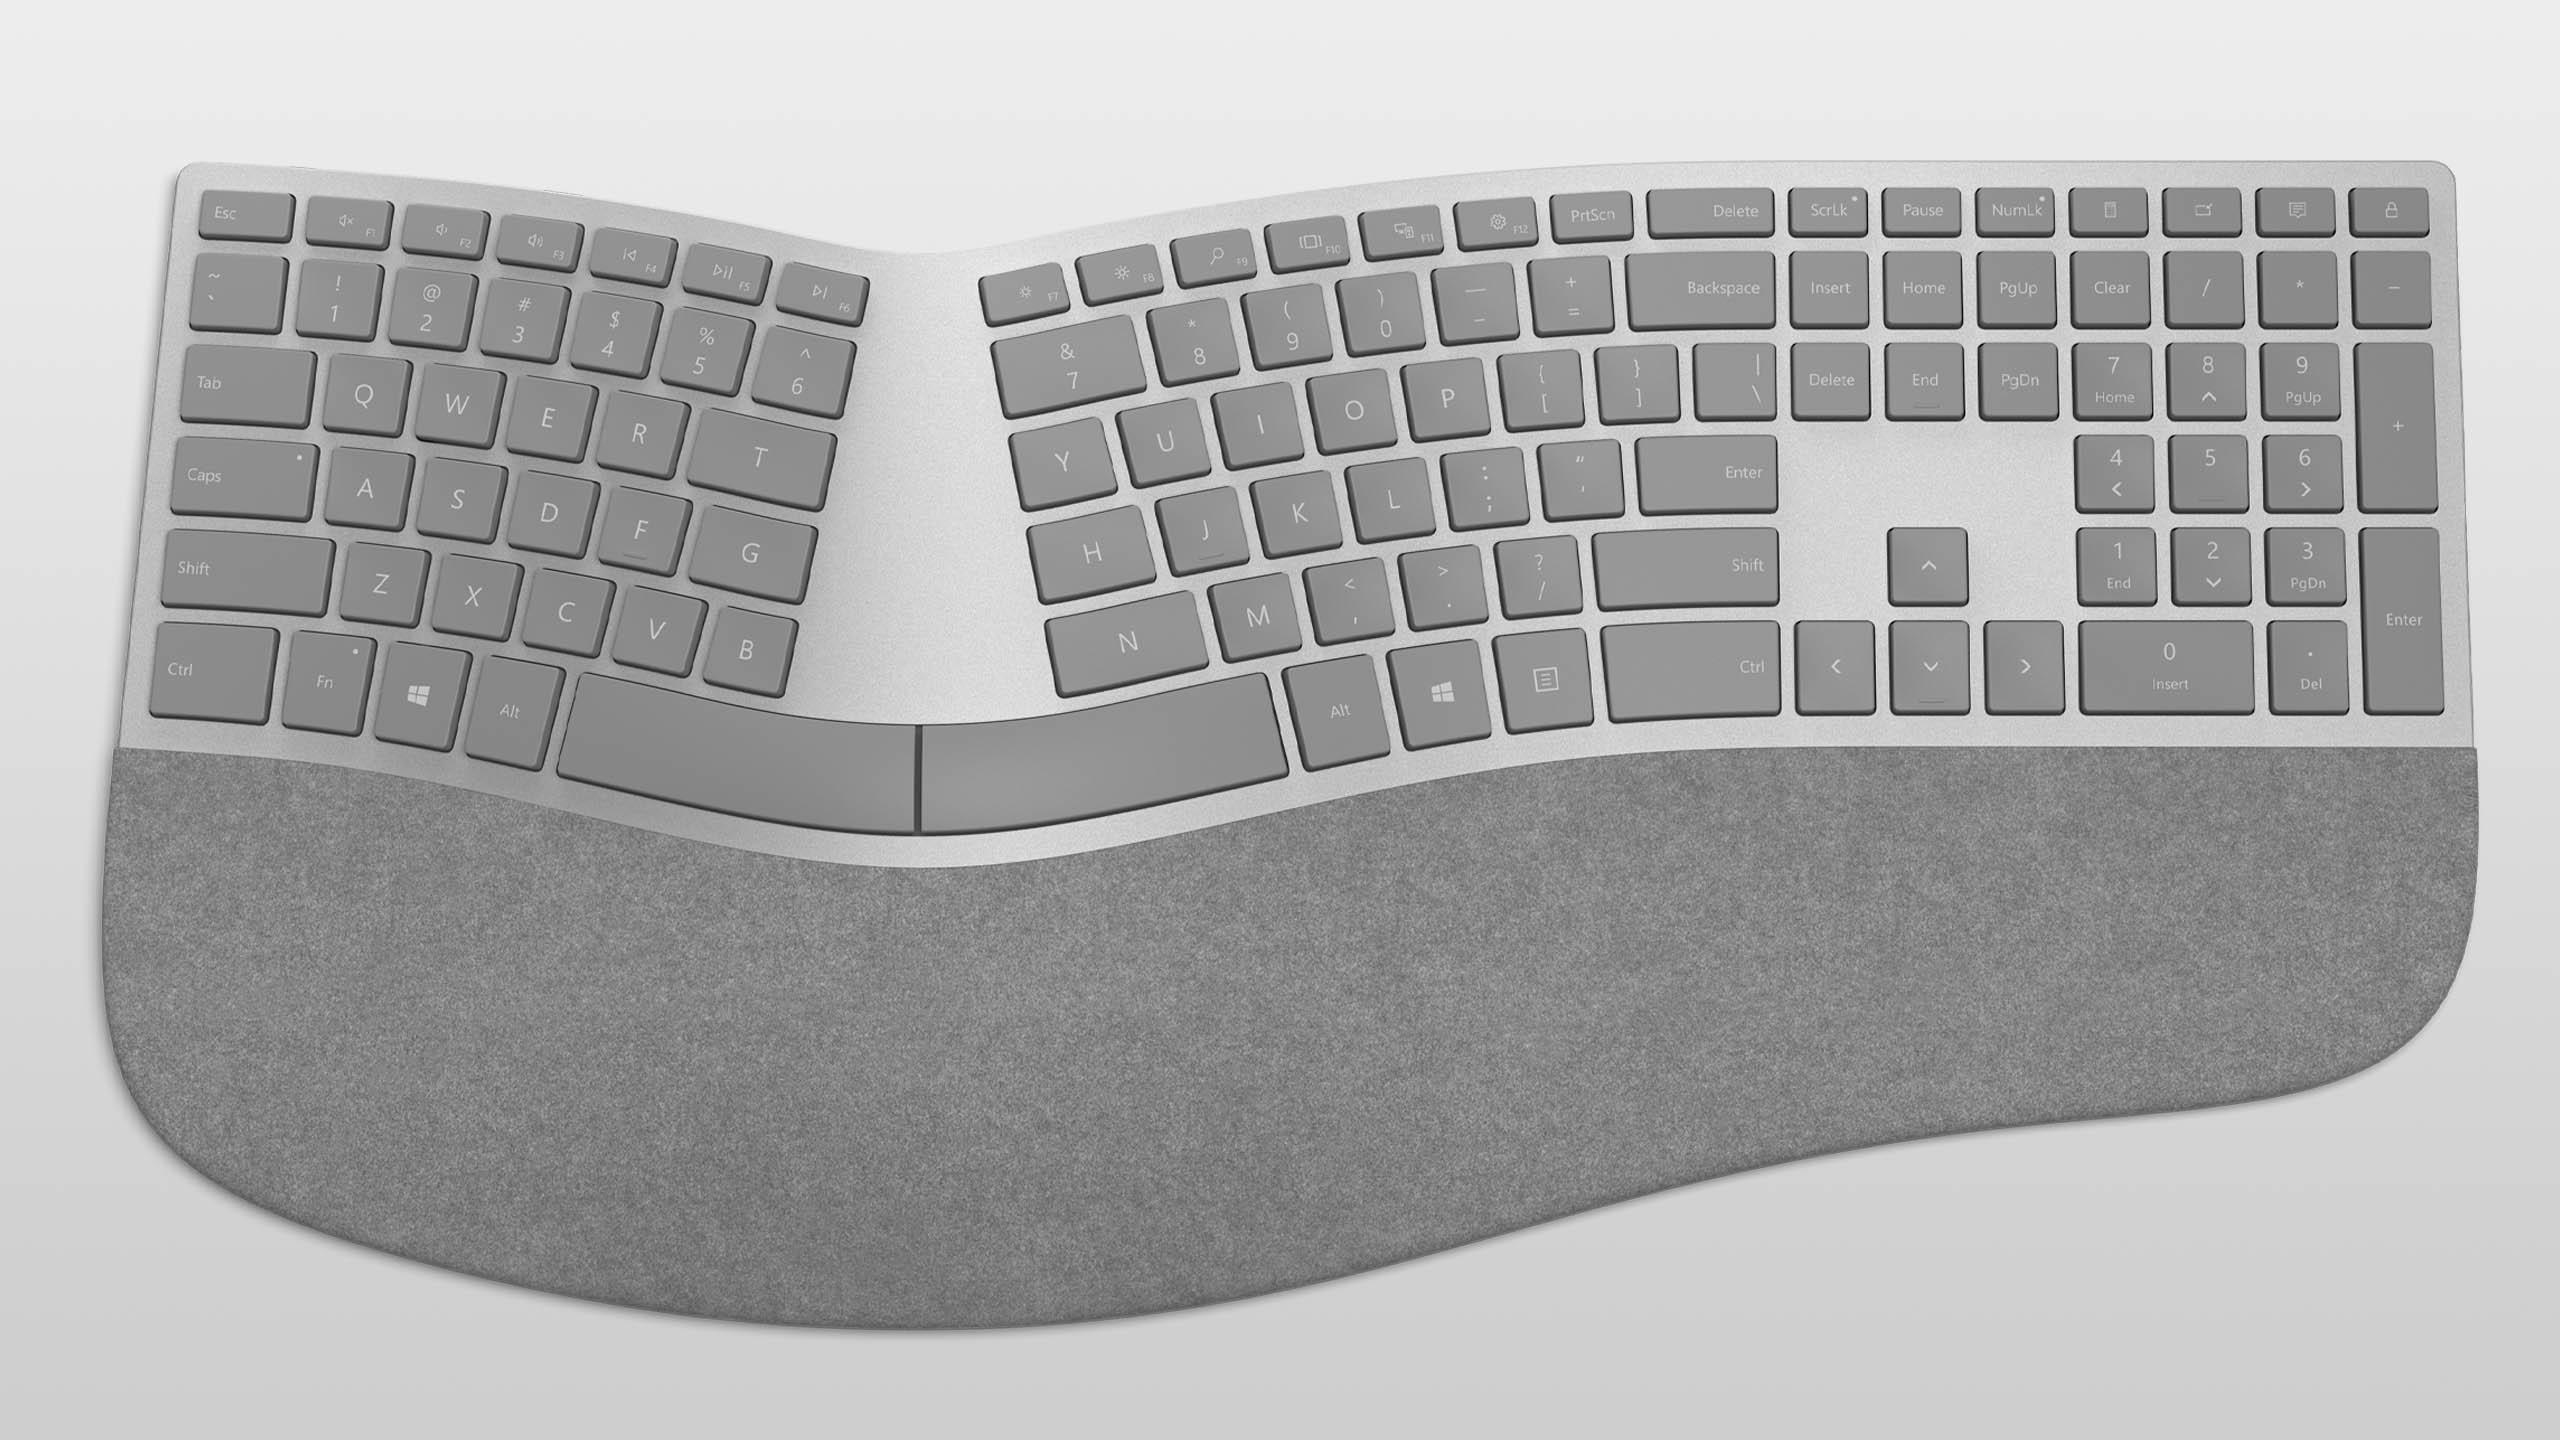 Surface Ergonomic Keyboard platingrau